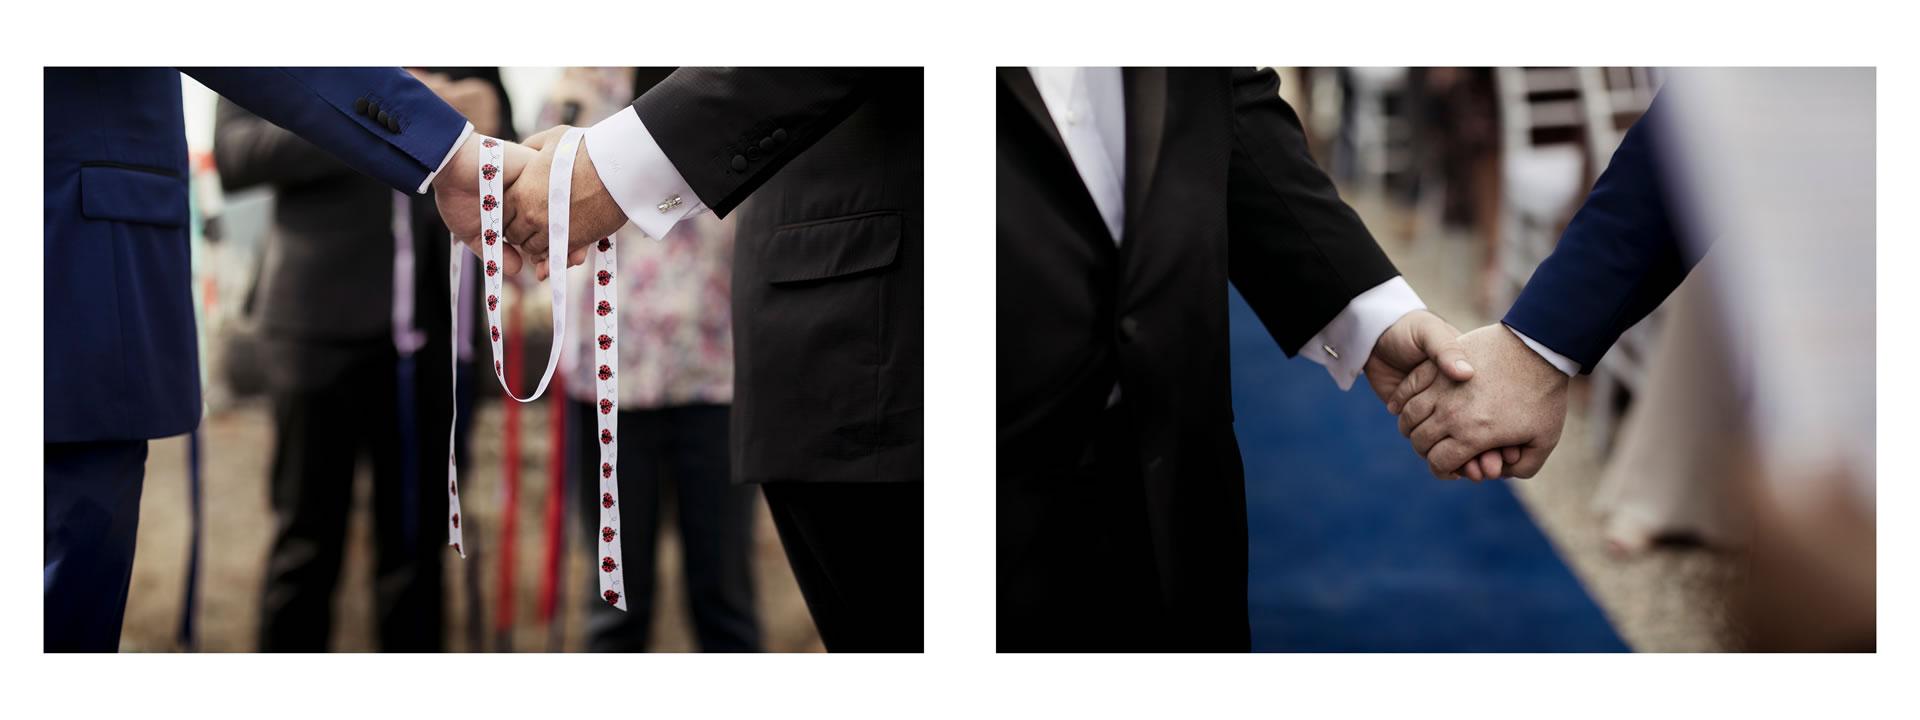 same-sex-love-in-portofino-david-bastianoni-photographer-00018 - 18 :: Wedding in Portofino // WPPI 2018 // The man that I love :: Luxury wedding photography - 17 :: same-sex-love-in-portofino-david-bastianoni-photographer-00018 - 18